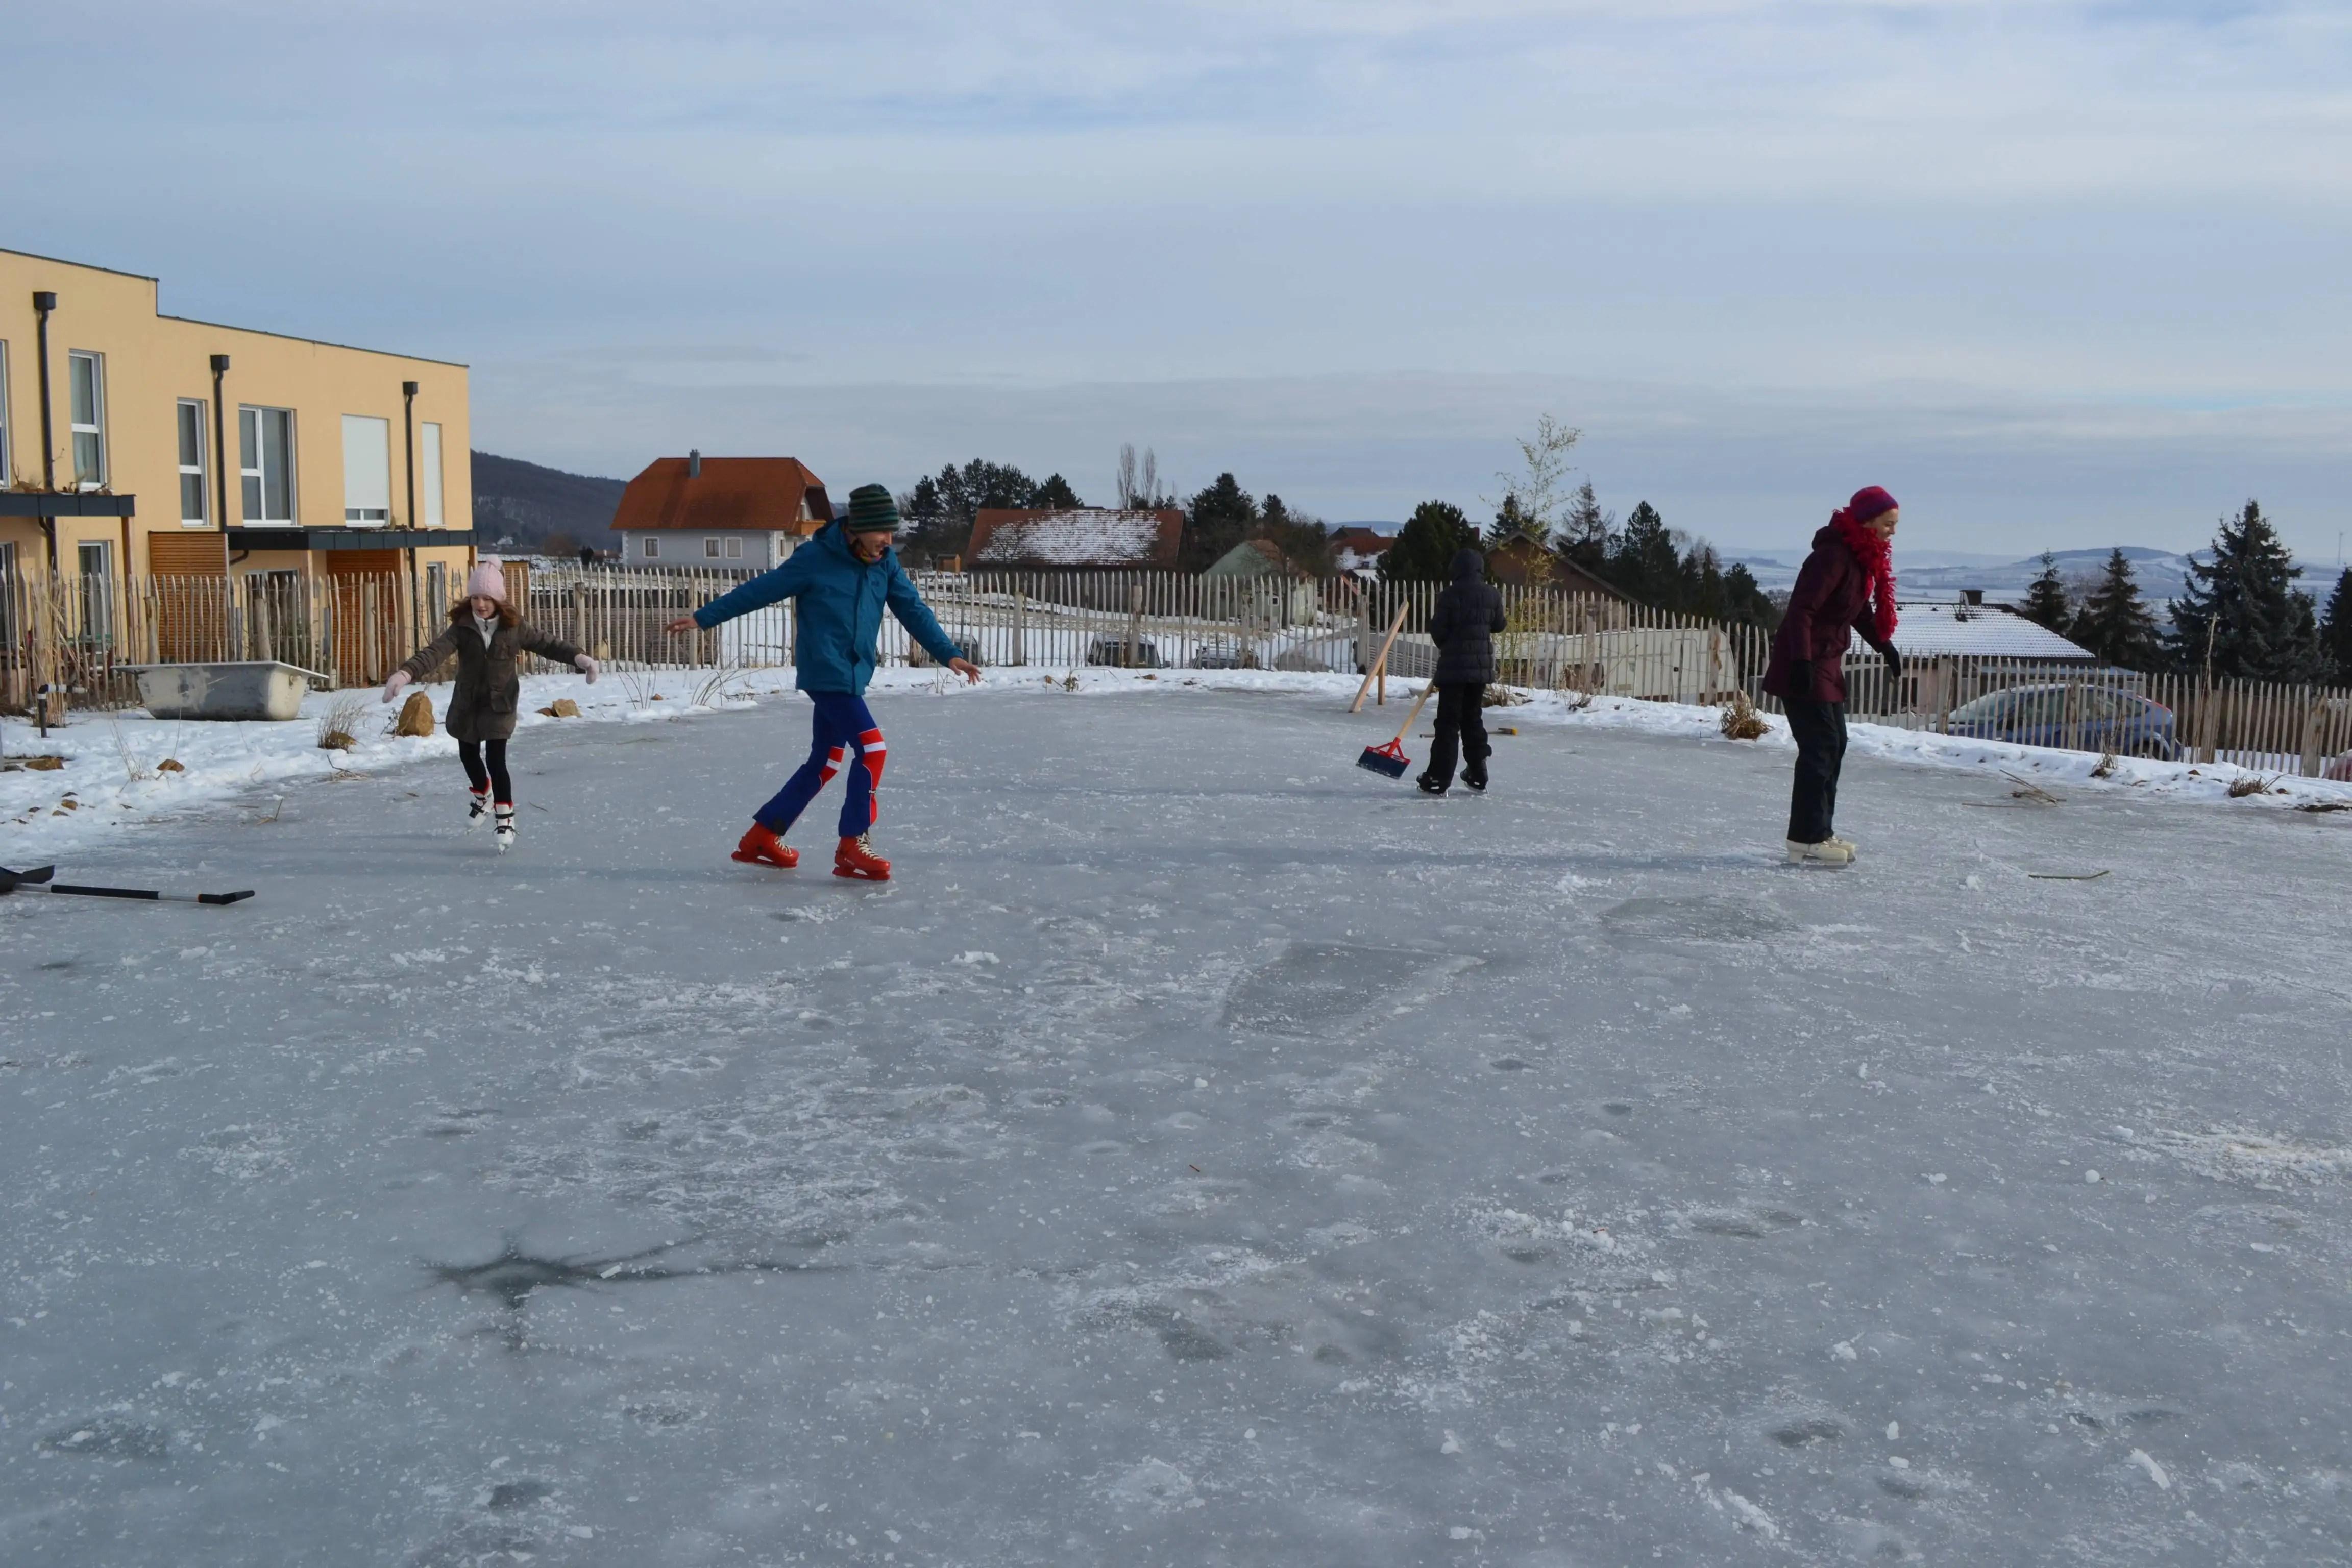 Wir bauen einen Teich 9/… Eislaufen juchuui